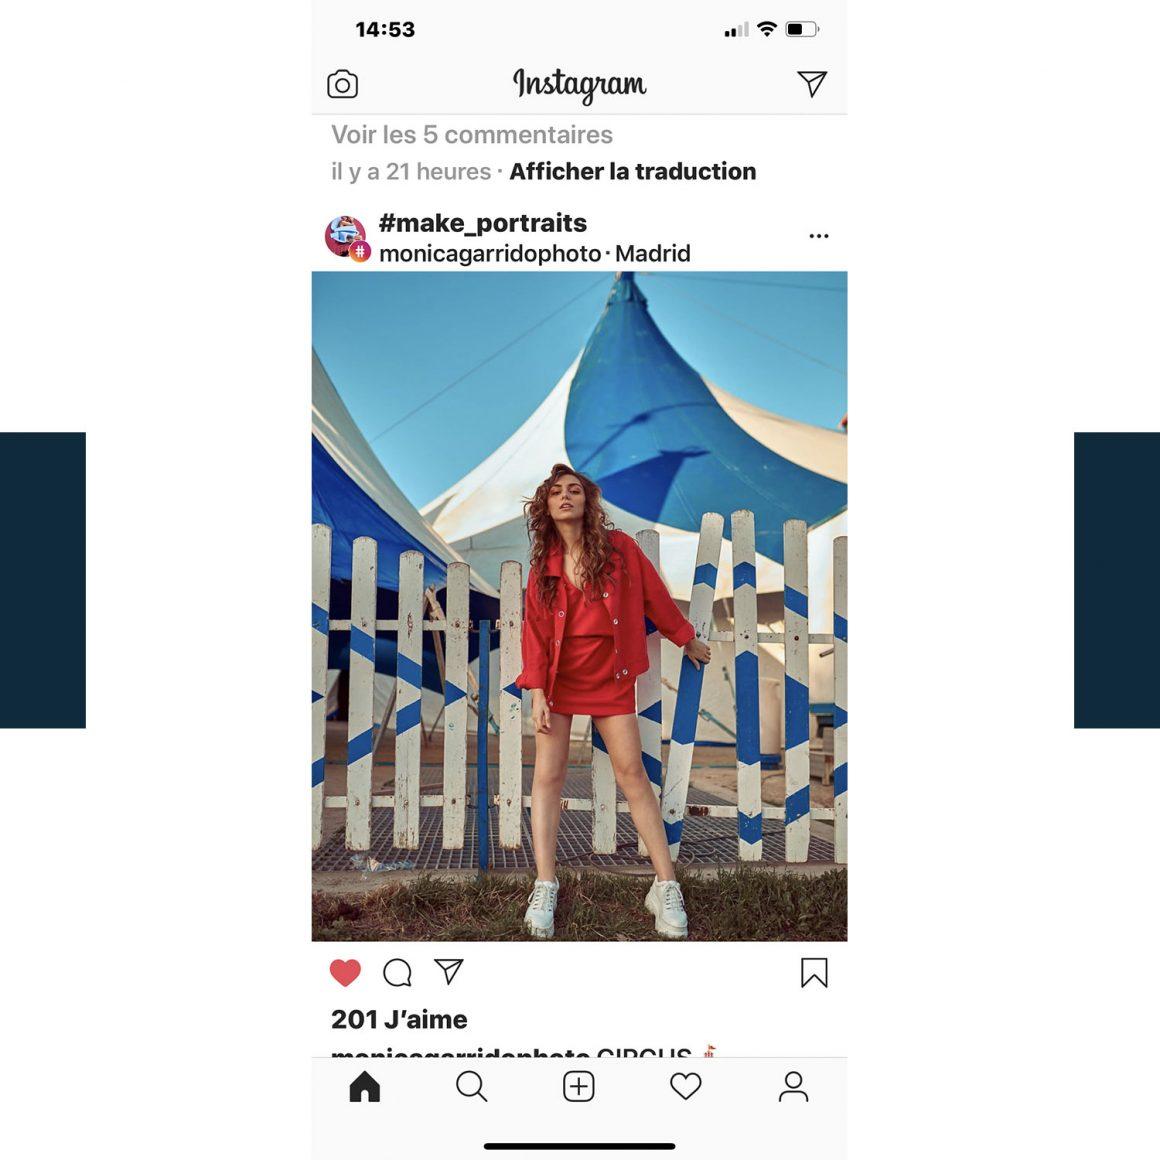 Le hashtag #make_portraits sur Instagram